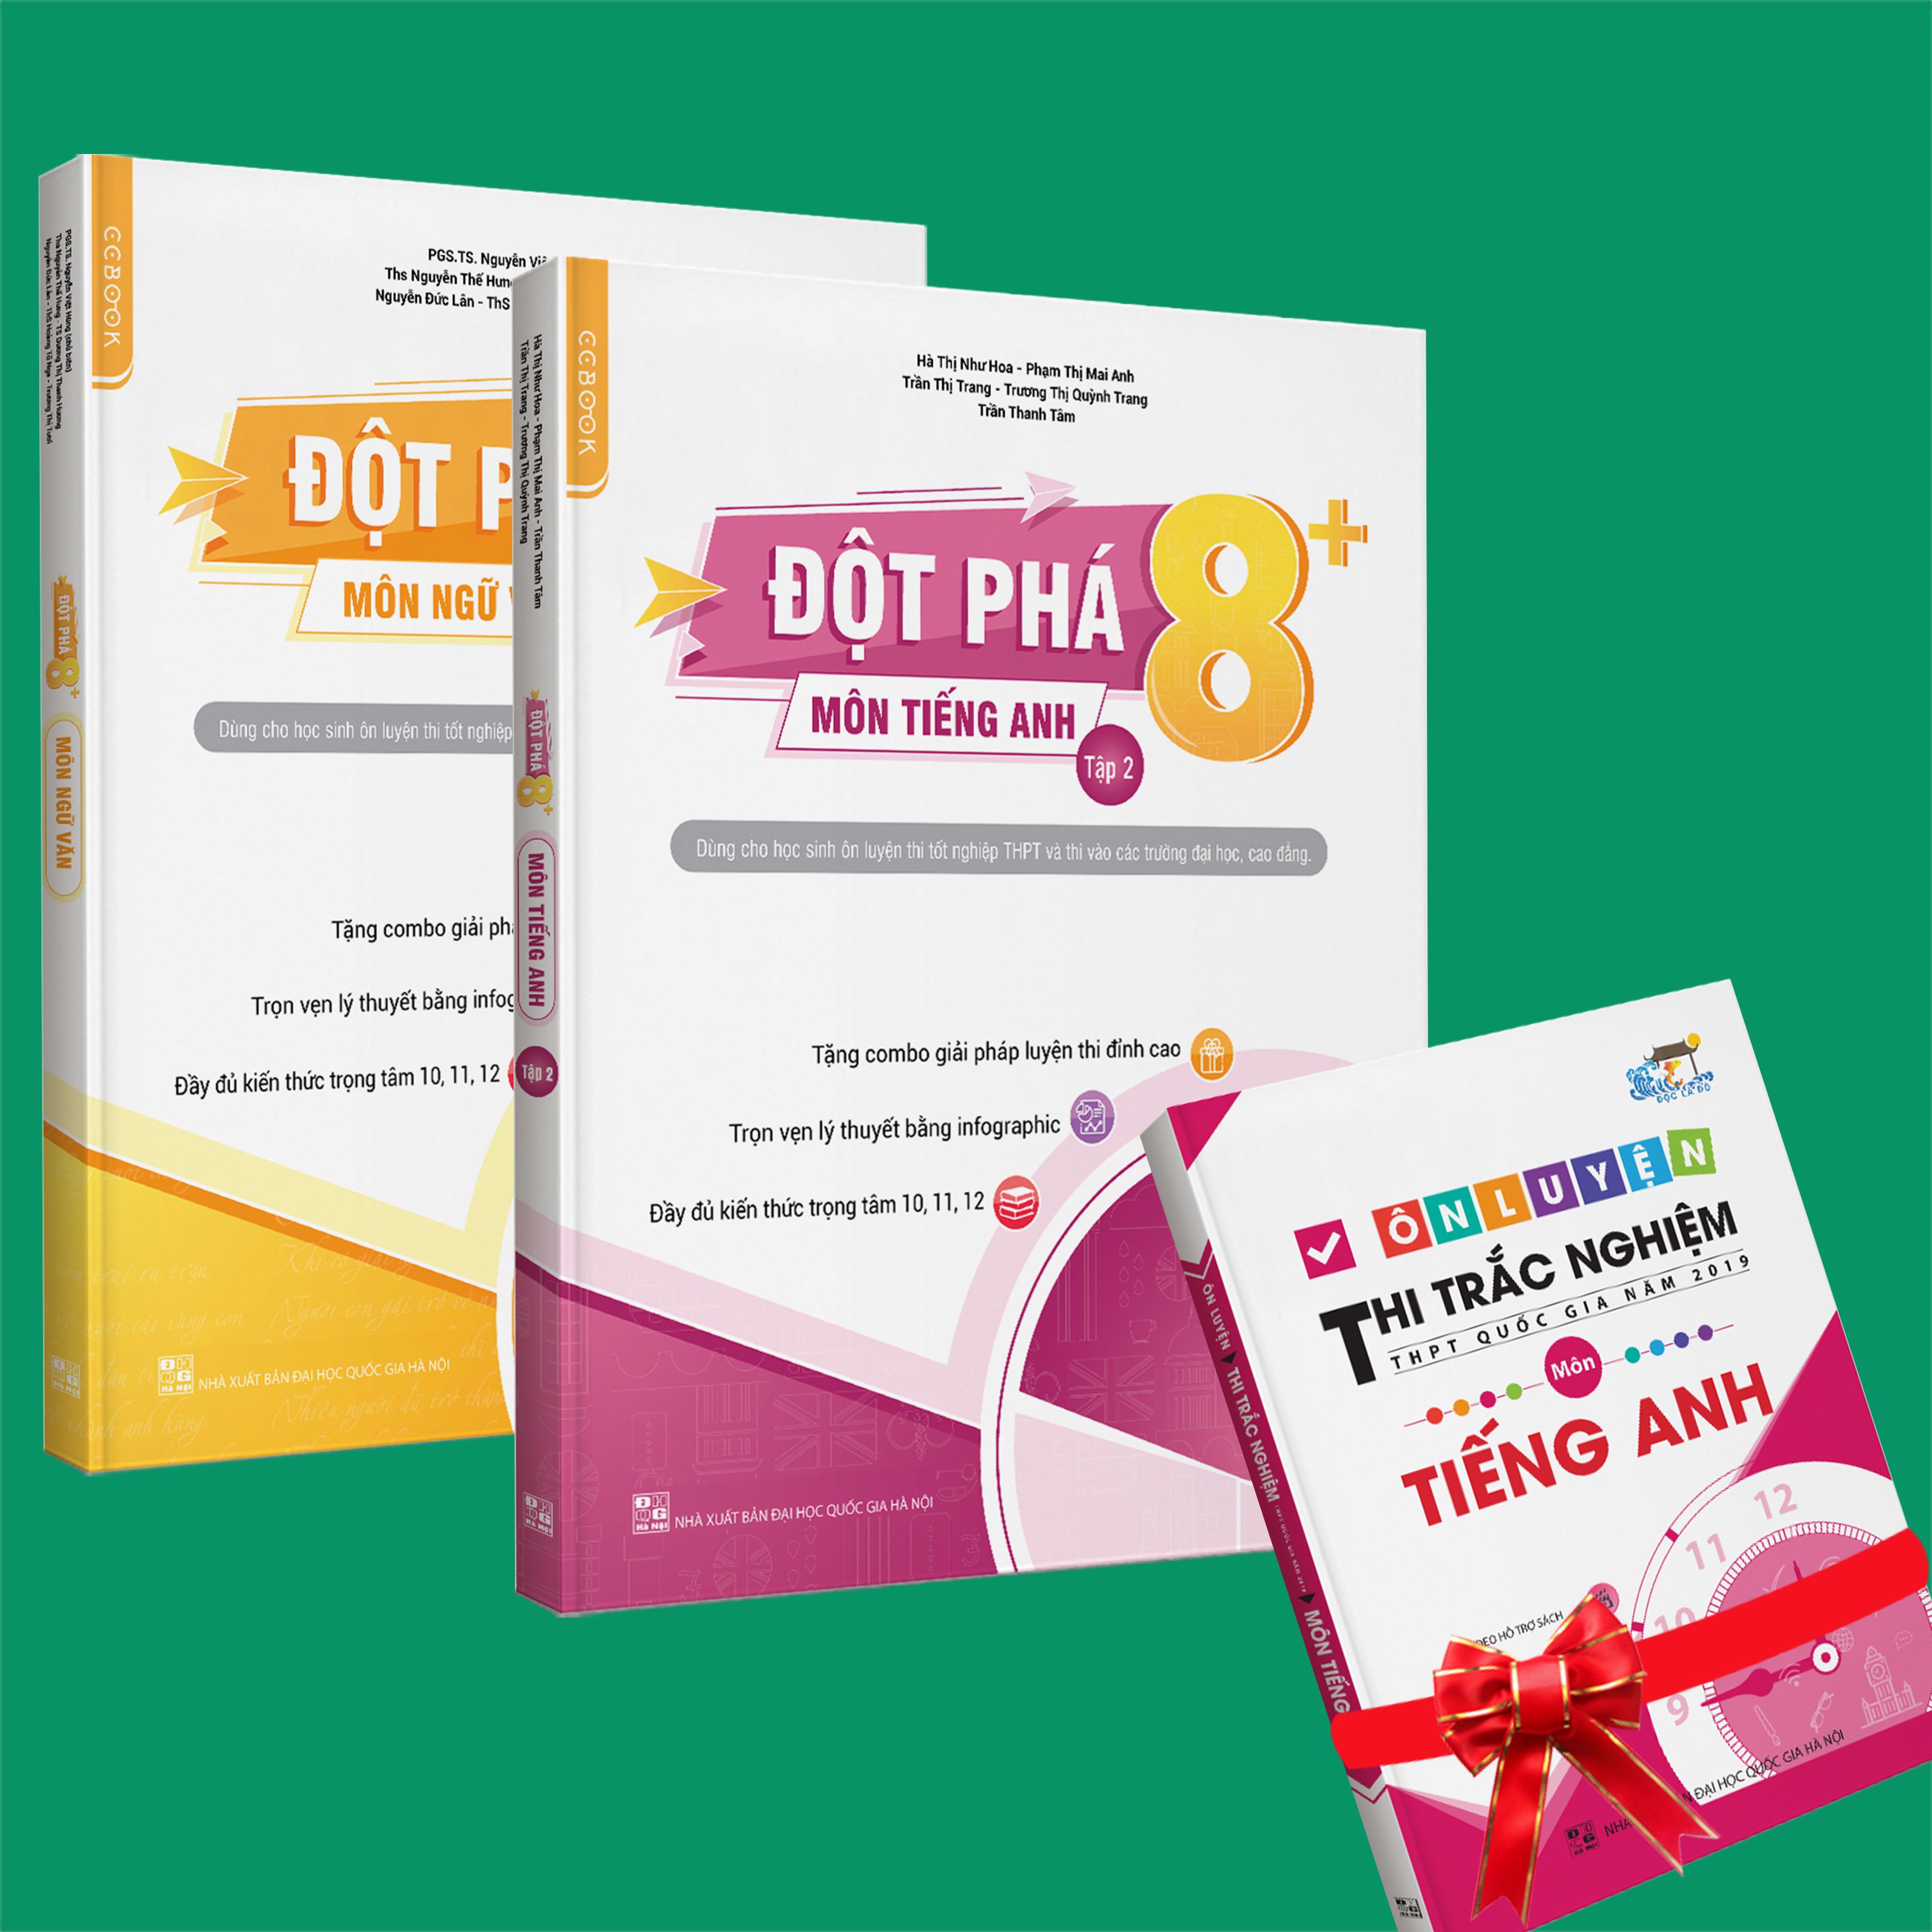 Sách - Combo Đột phá 8+(Phiên bản 2020) môn Tiếng anh tập 2 và Ngữ Văn (tặng ngay 1 cuốn Ôn luyện thi trắc nghiệm THPTQG môn Tiếng anh)